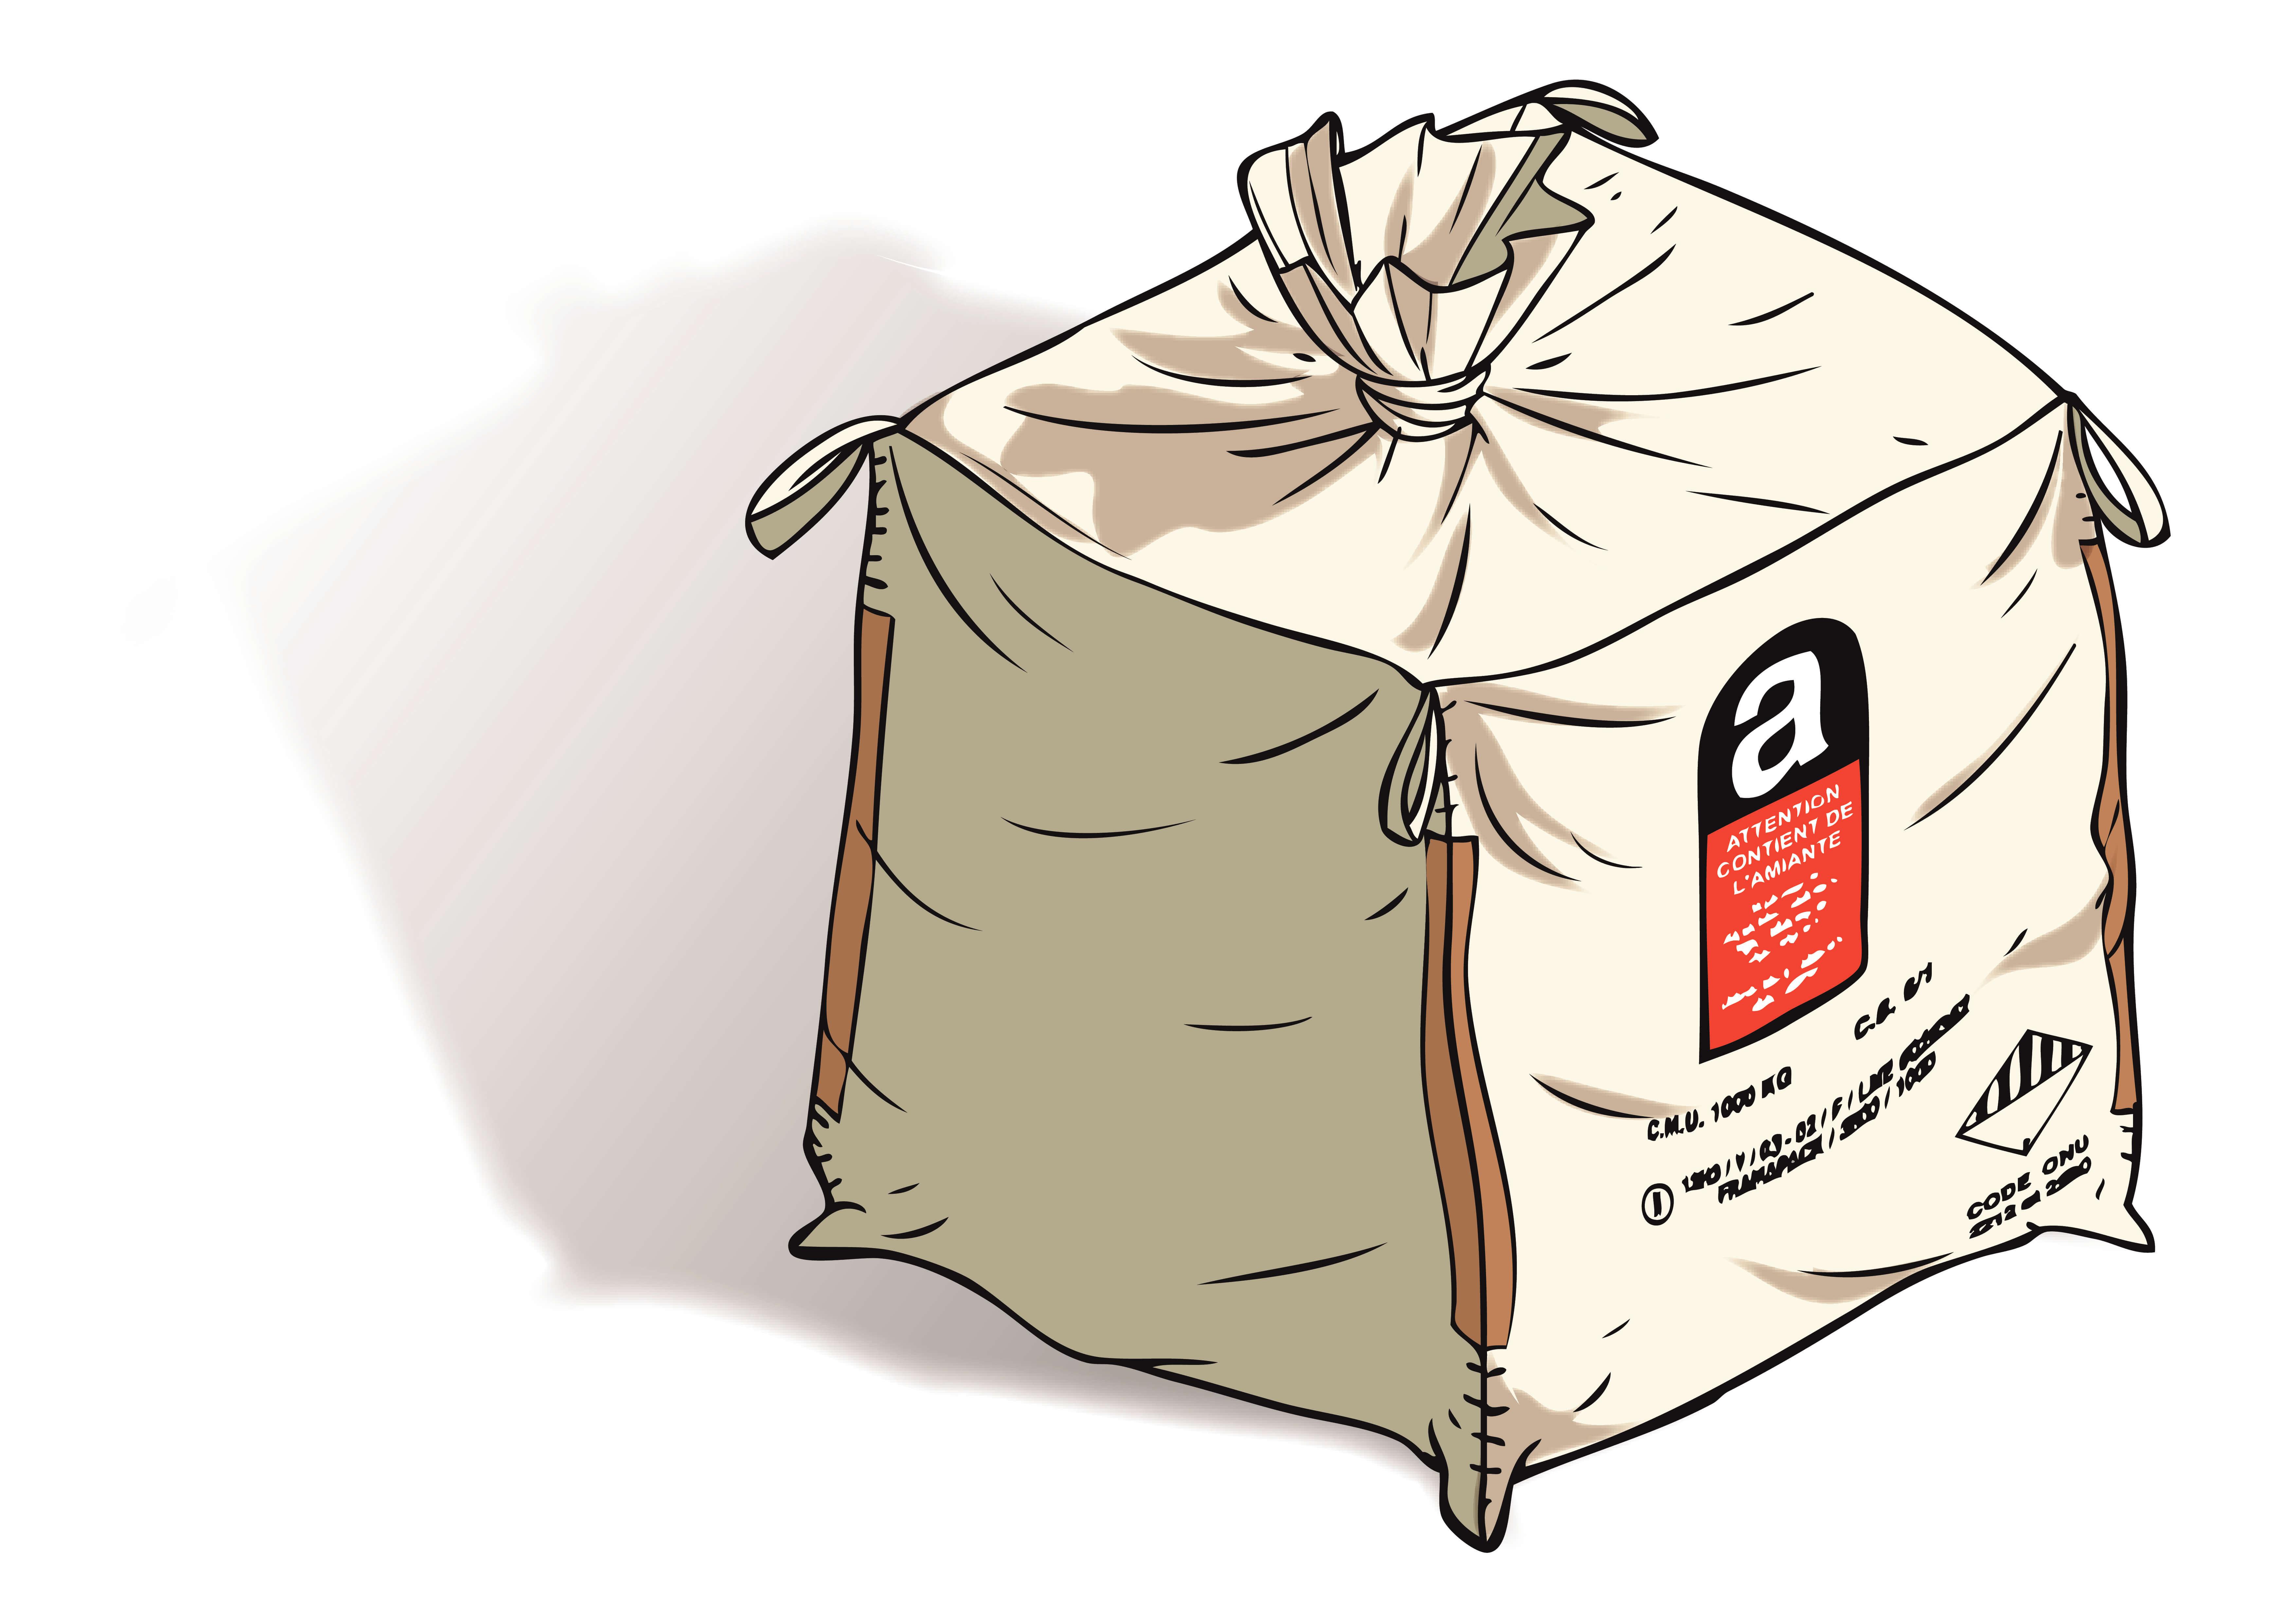 Asbest-entsorgen-lagern-Forum-Verlag-Herkert-GmbH